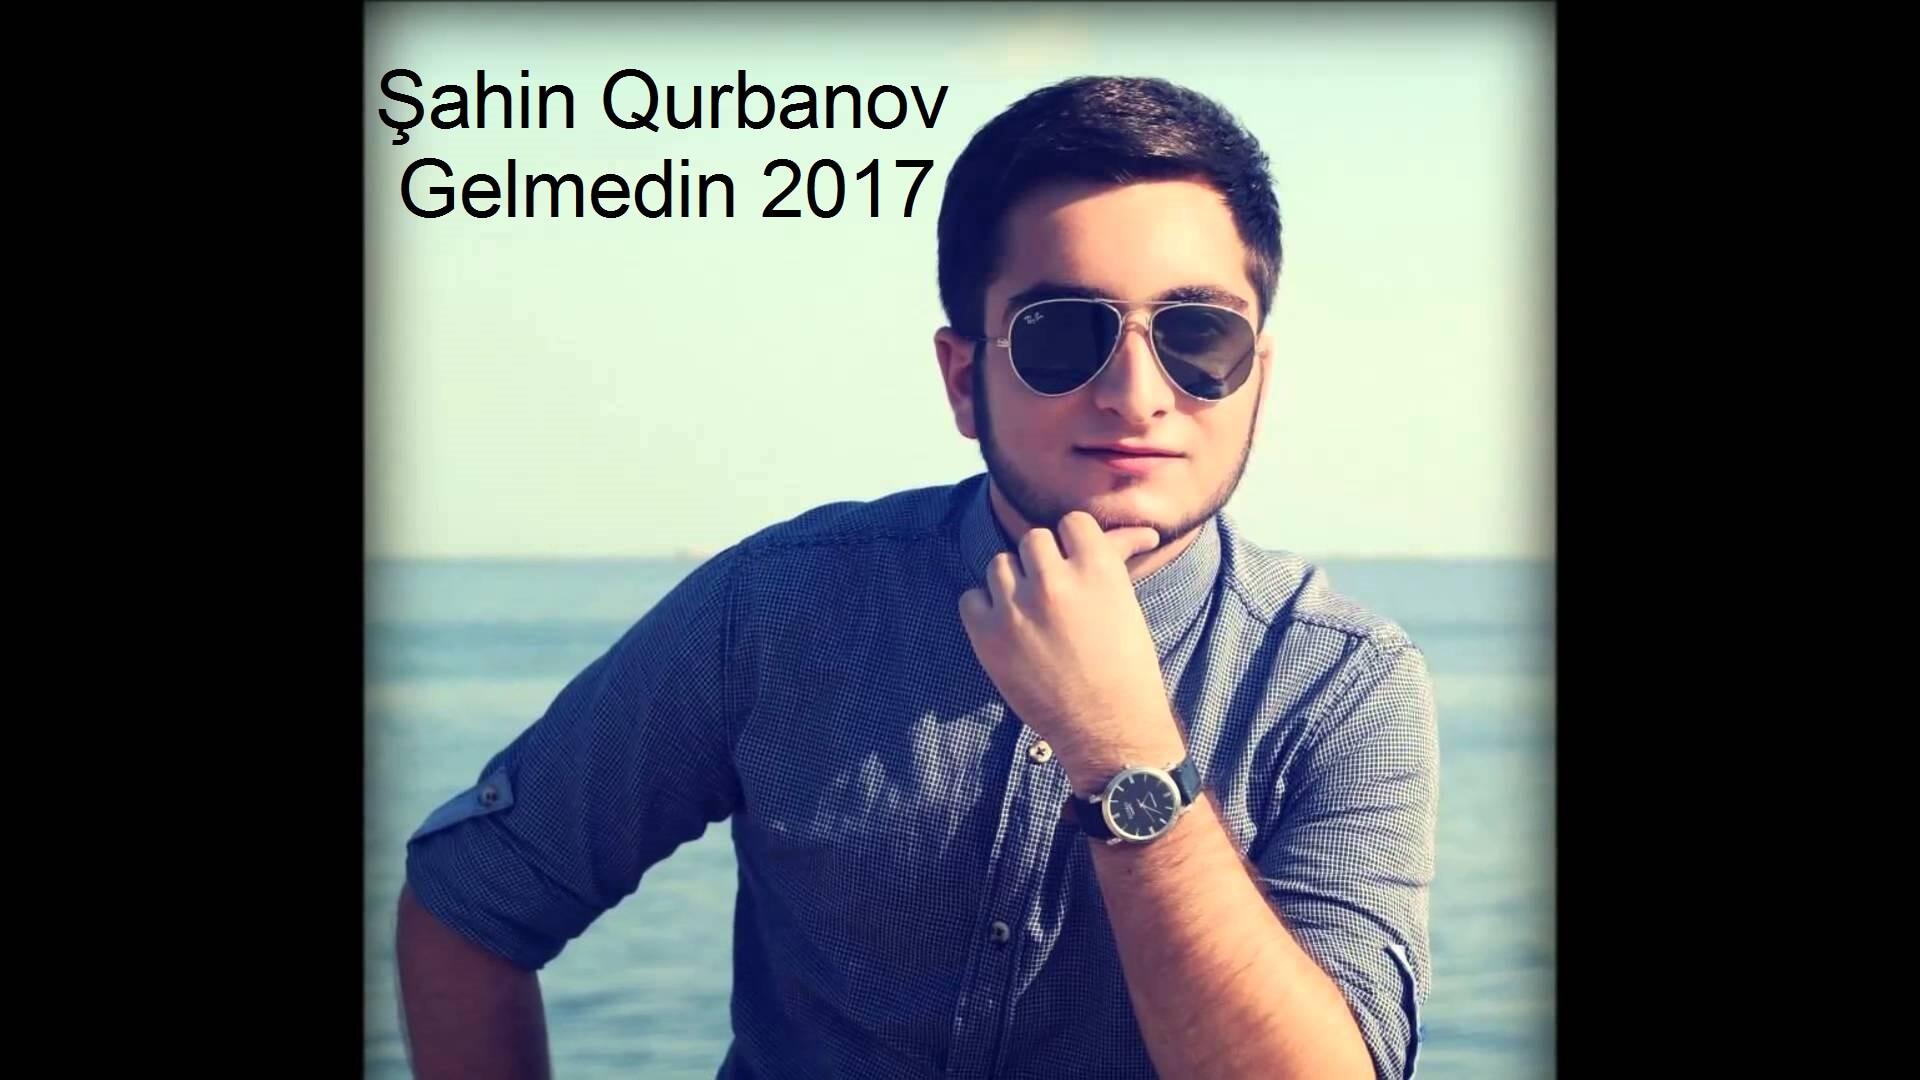 Şahin Qurbanov